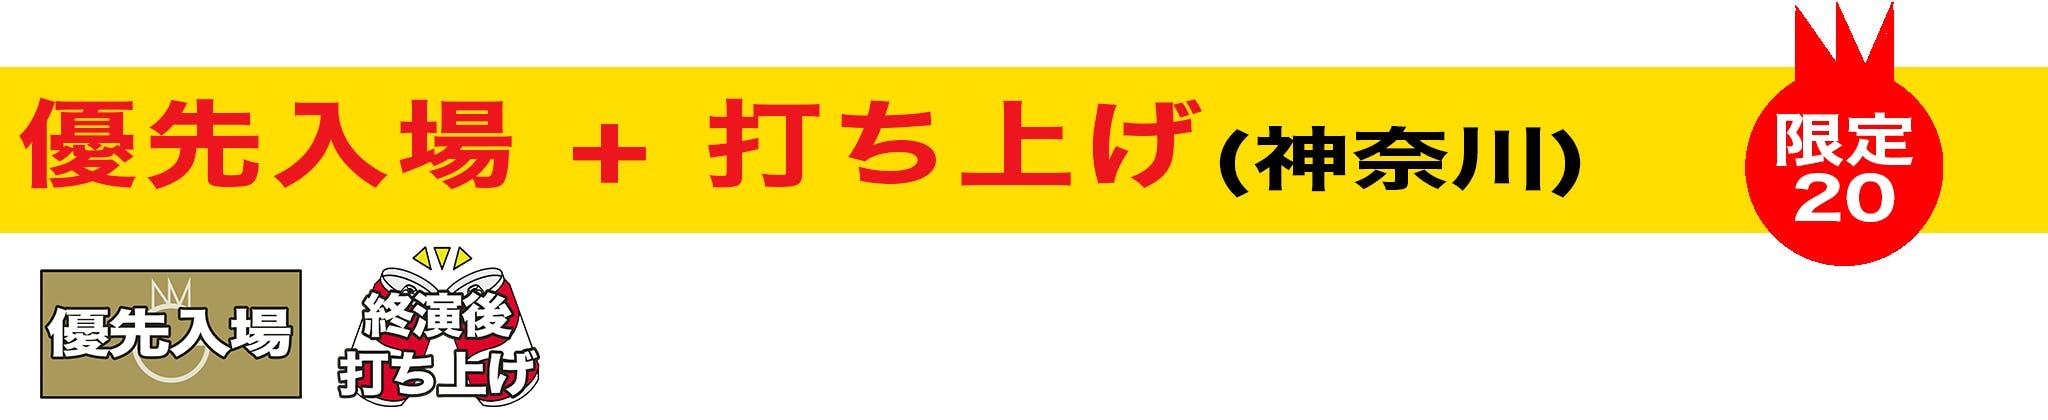 クラファン リターン優先入場 打ち上げ 神奈川